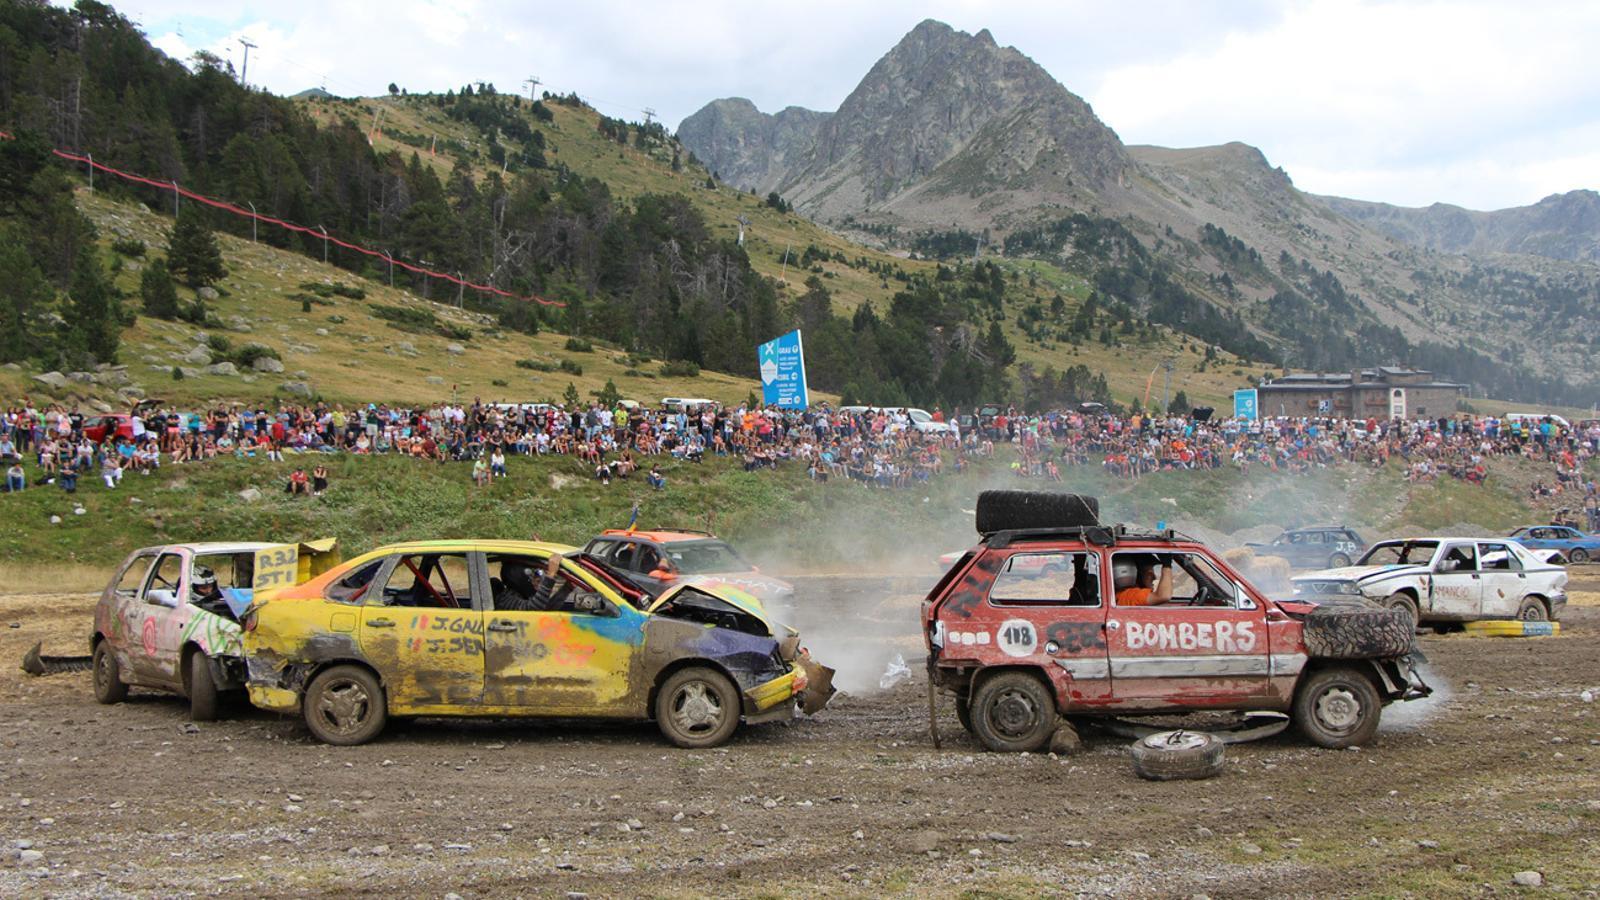 Resum de la 'Crash Car', celebrada aquest dilluns a Grau Roig